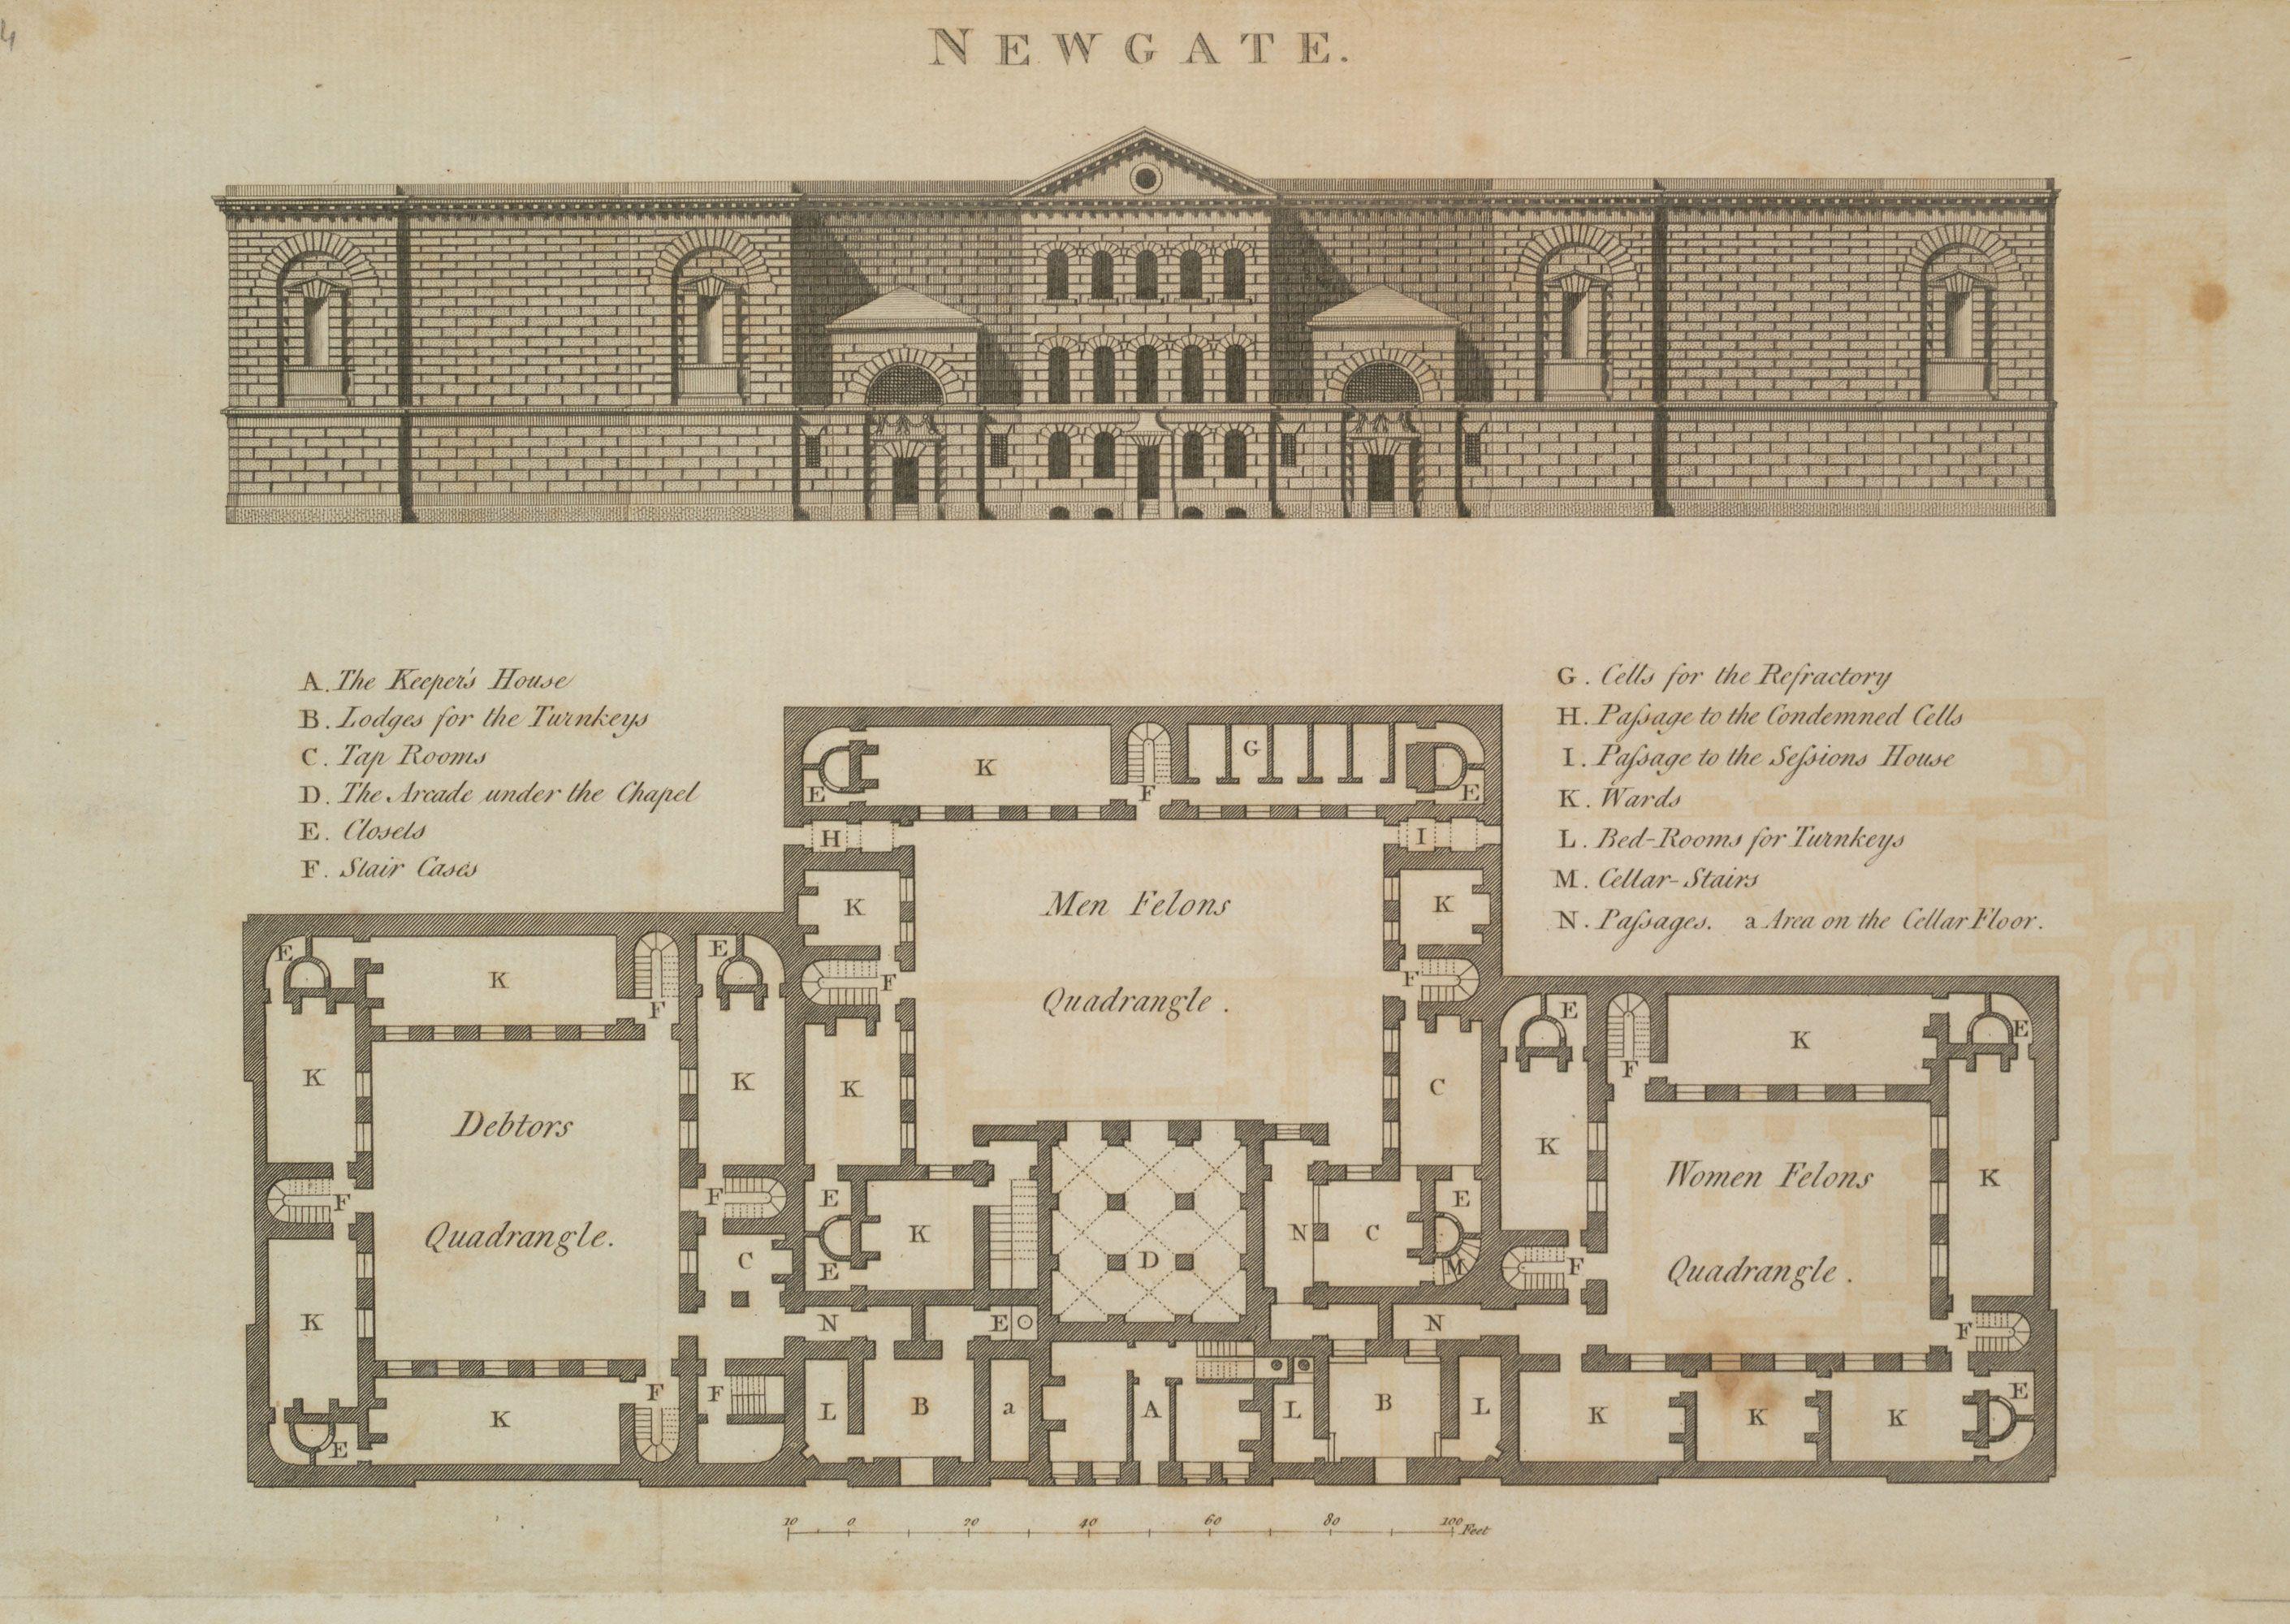 Newgate Was London S Largest Prison 1800 Housing 40 50 Prisoners